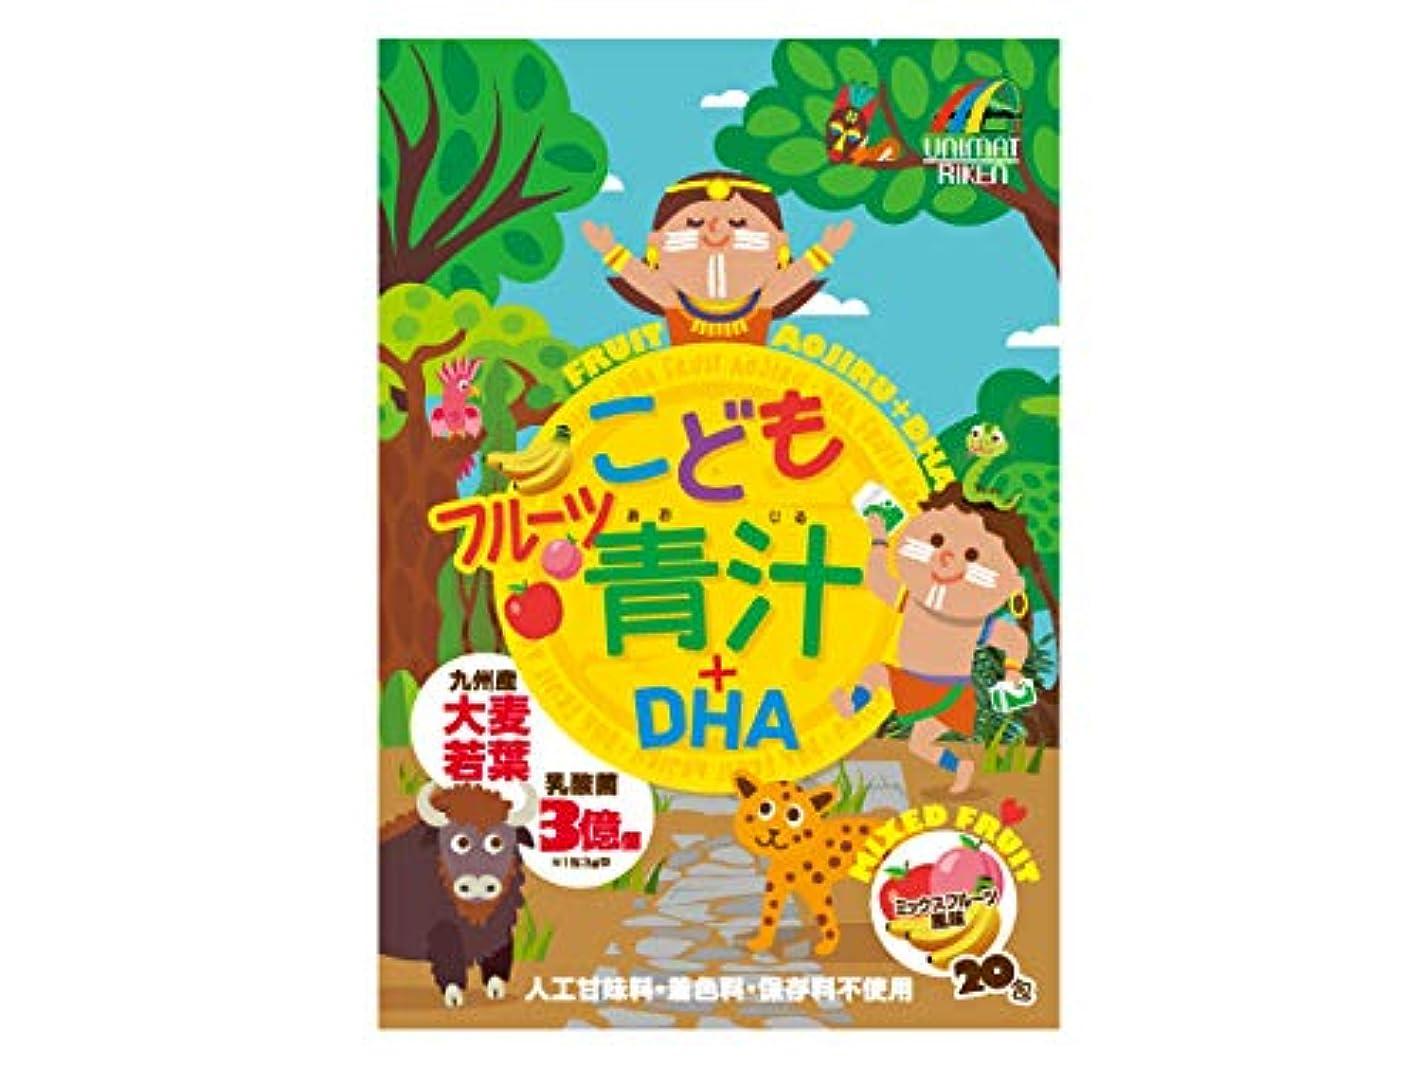 星漏れ説明ユニマットリケン 子供フルーツ青汁+DHA 3g×20包